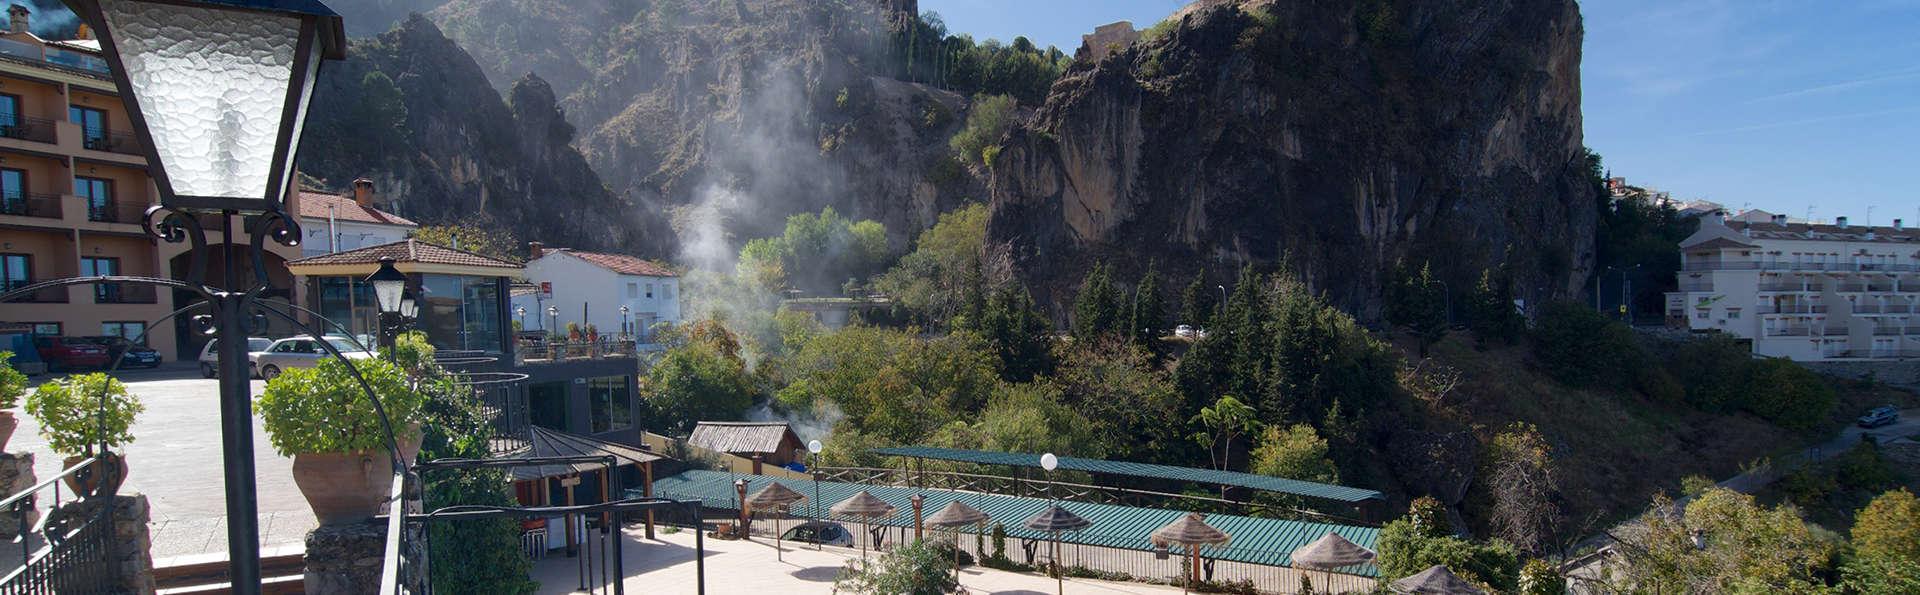 Hotel & Spa Sierra de Cazorla 4* - edit_pool2.jpg